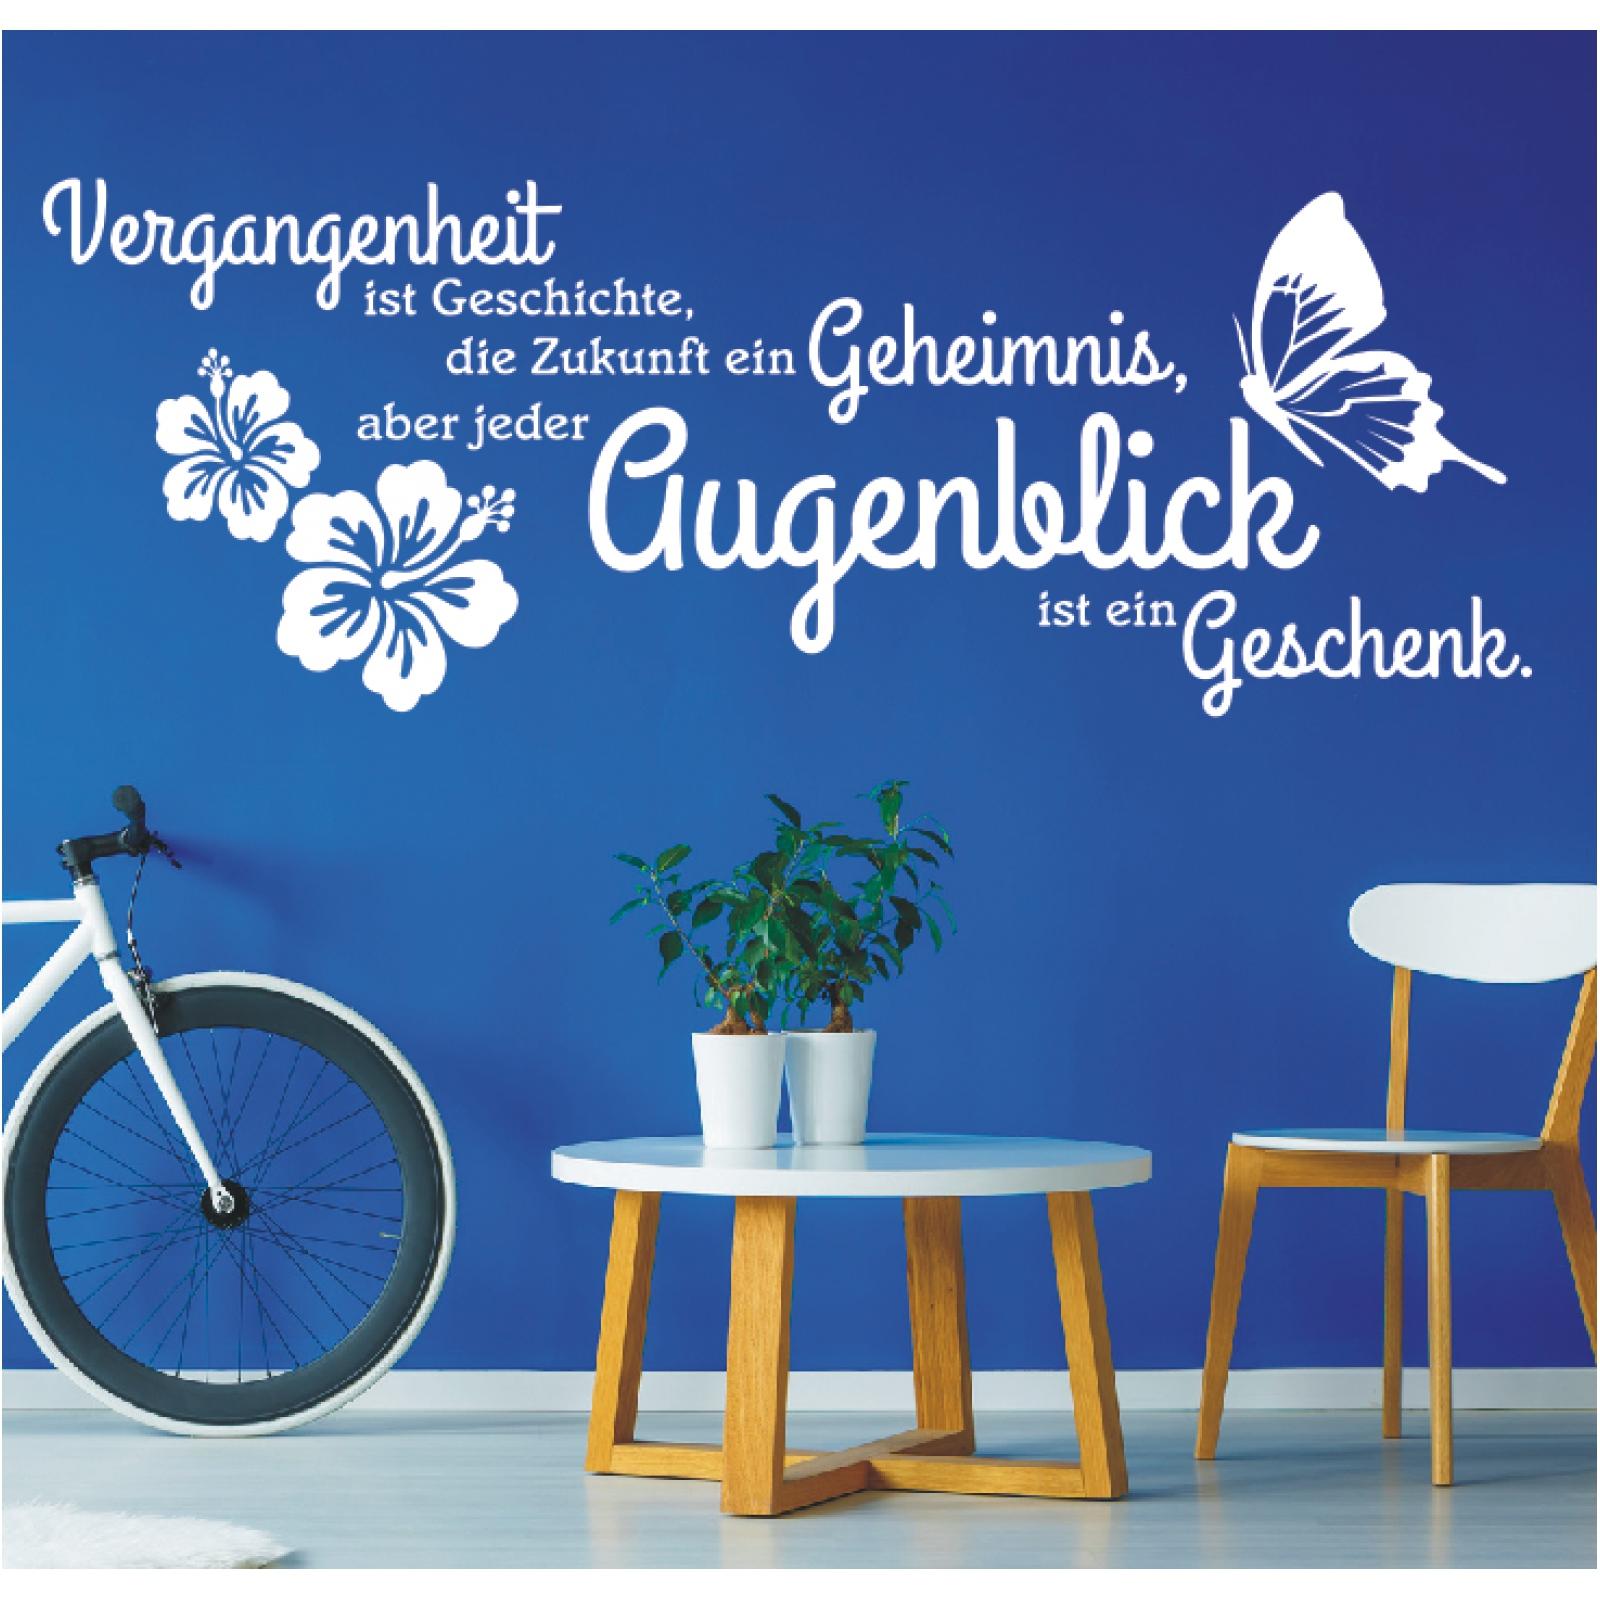 Details Zu Wandtattoo Spruch Vergangenheit Ist Zukunft Augenblick Wandaufkleber Sticker